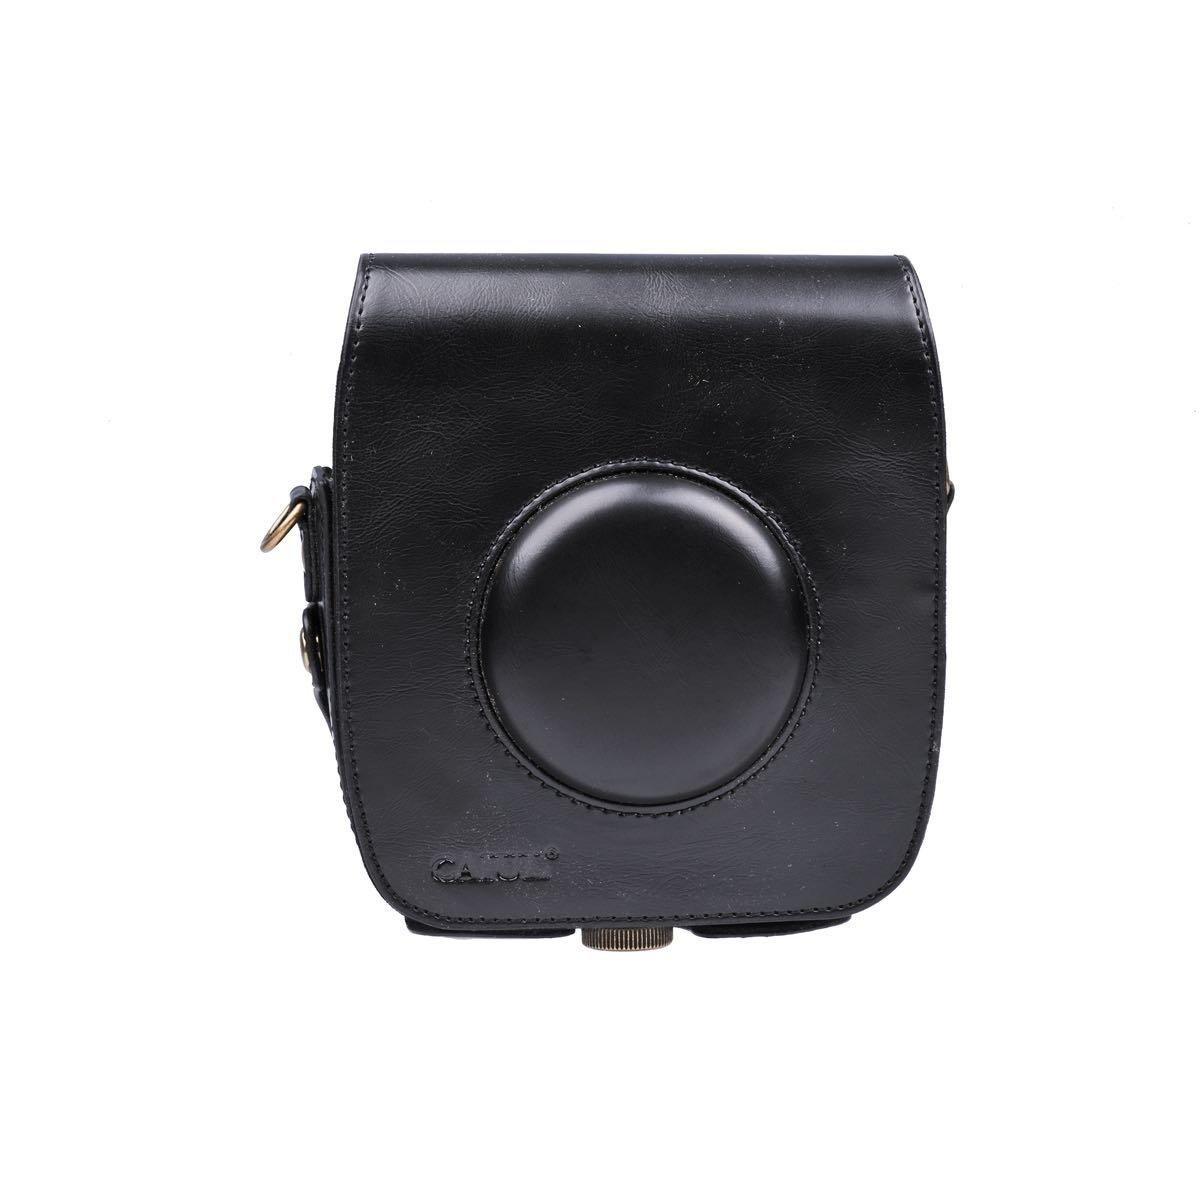 Černý obal na Instax SQ10